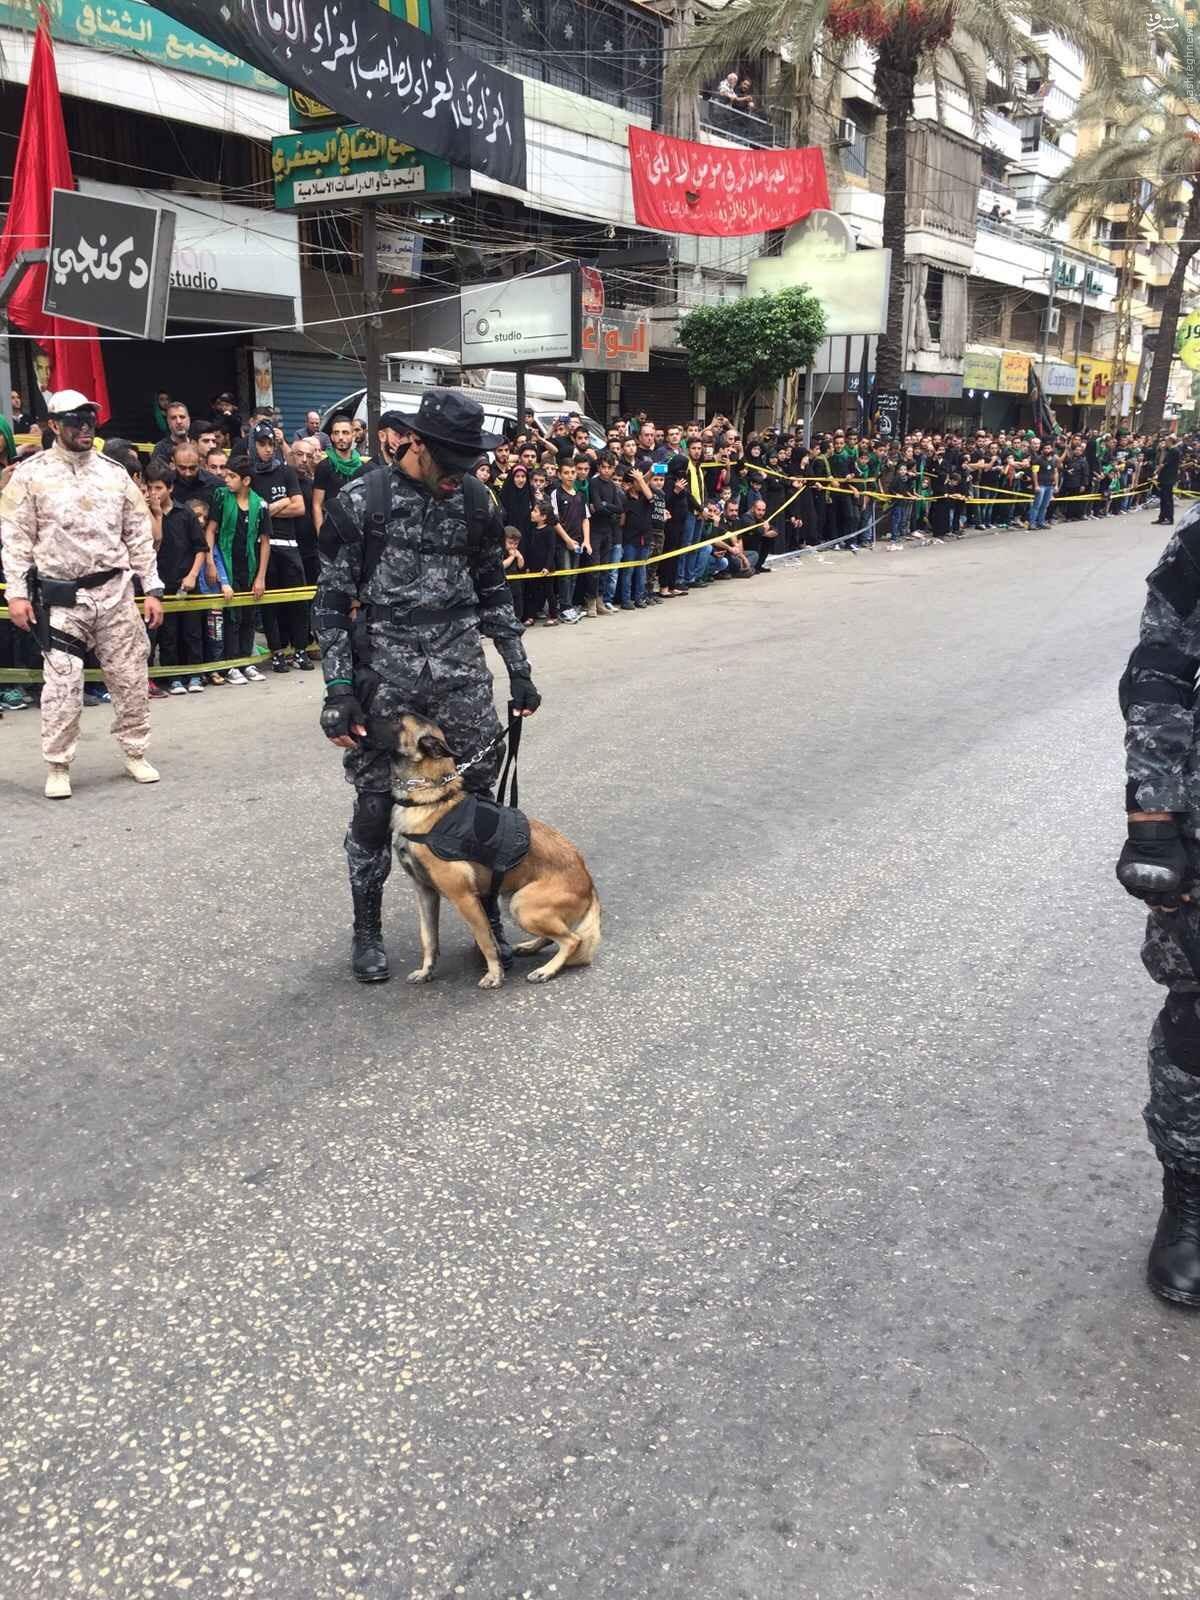 سگهای بمب یاب در یگان واکنش سریع در بیروت + تصاویر